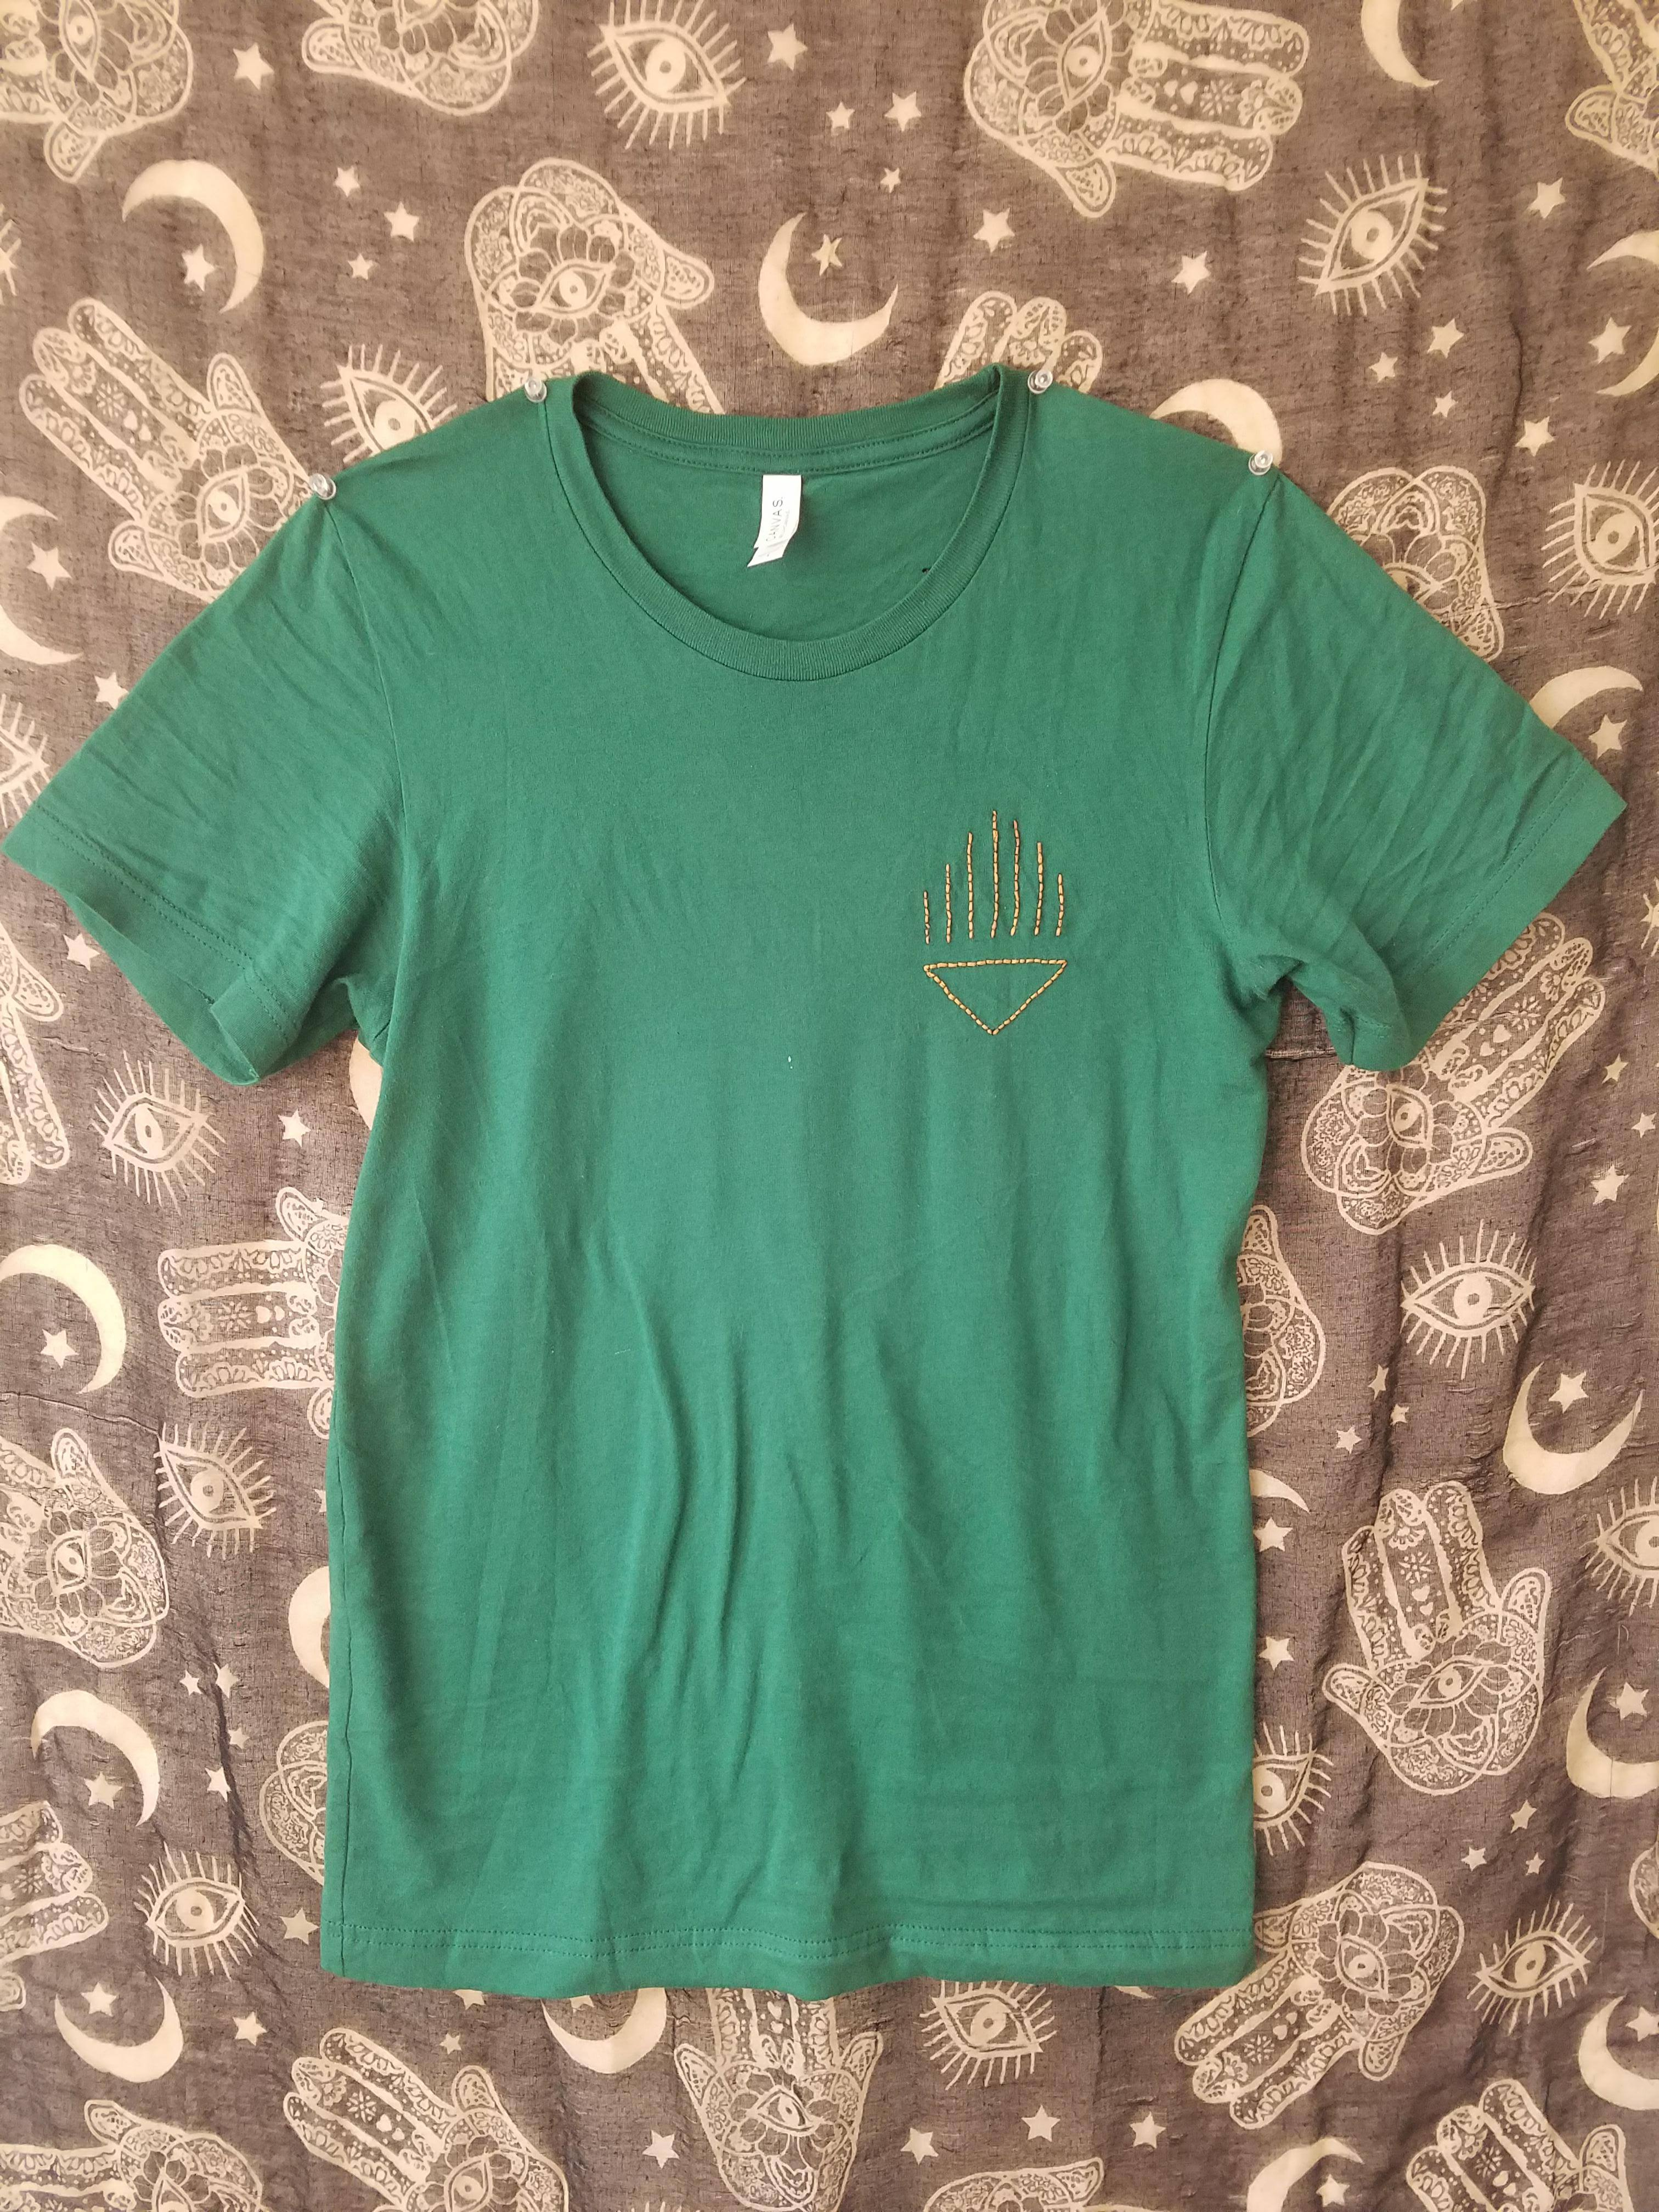 Proper. Shirts